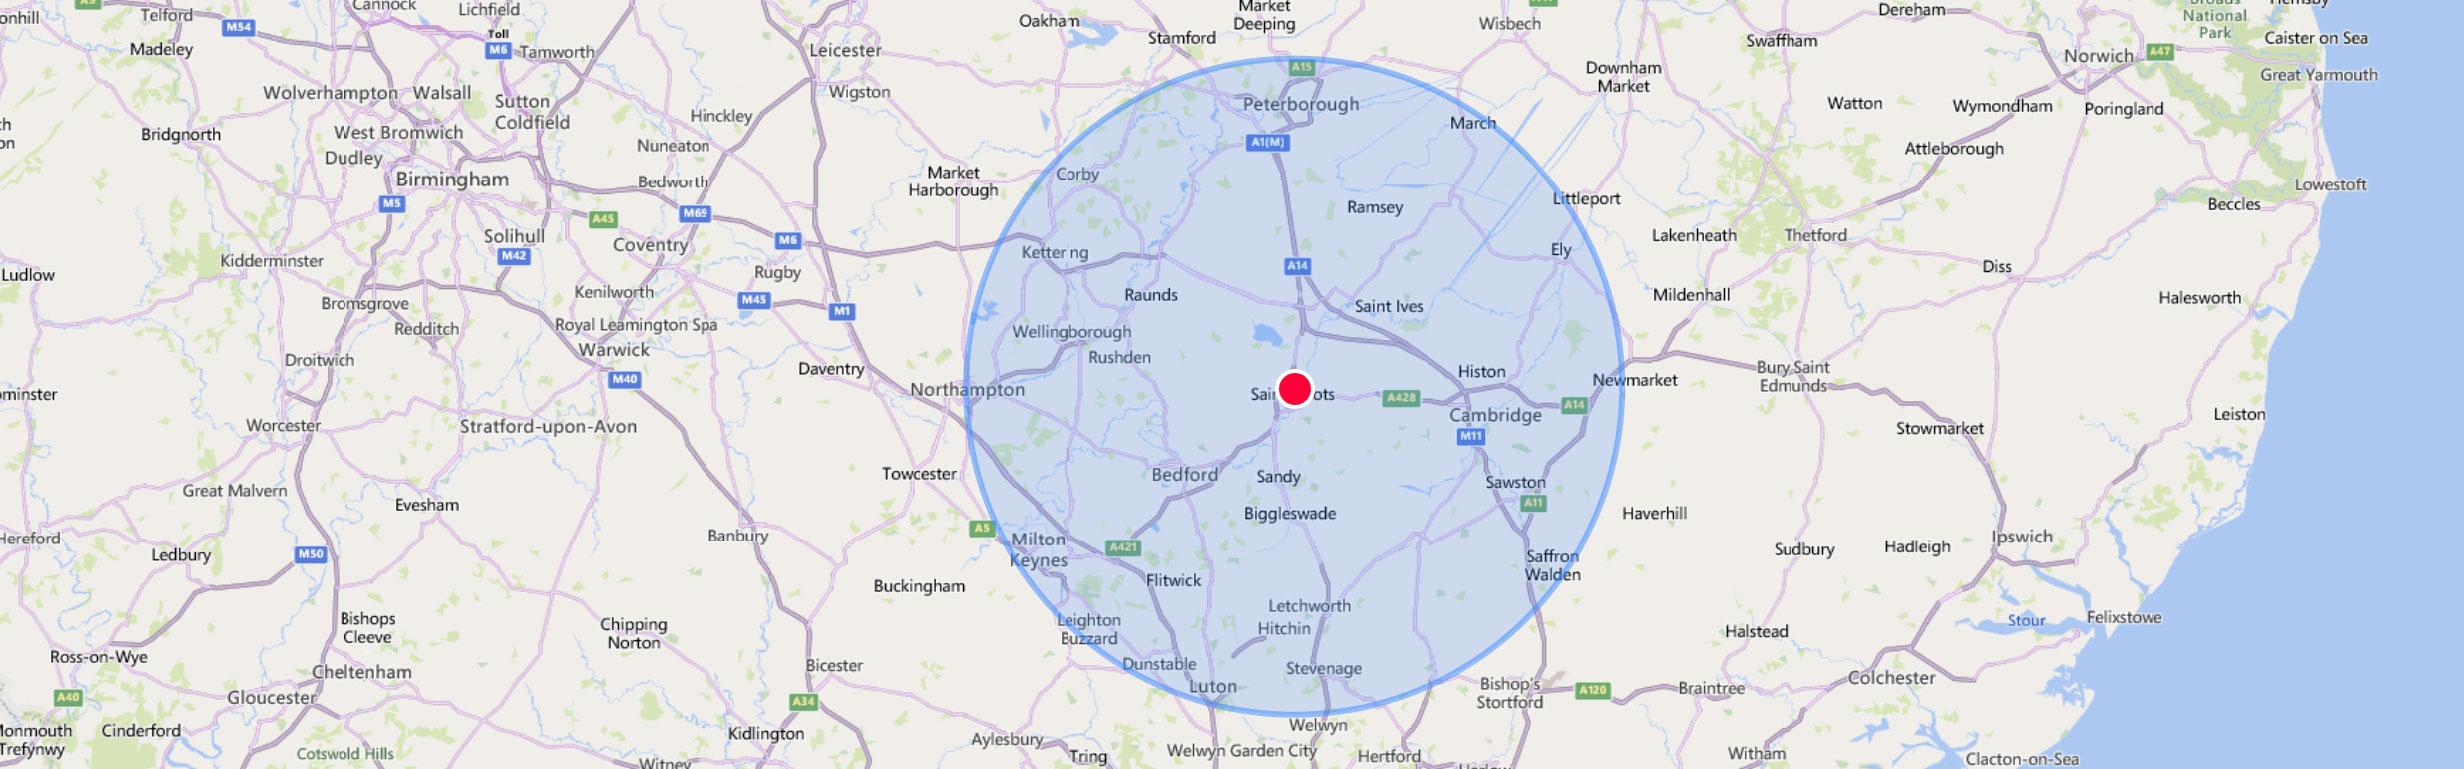 27 mile radius area for servicing